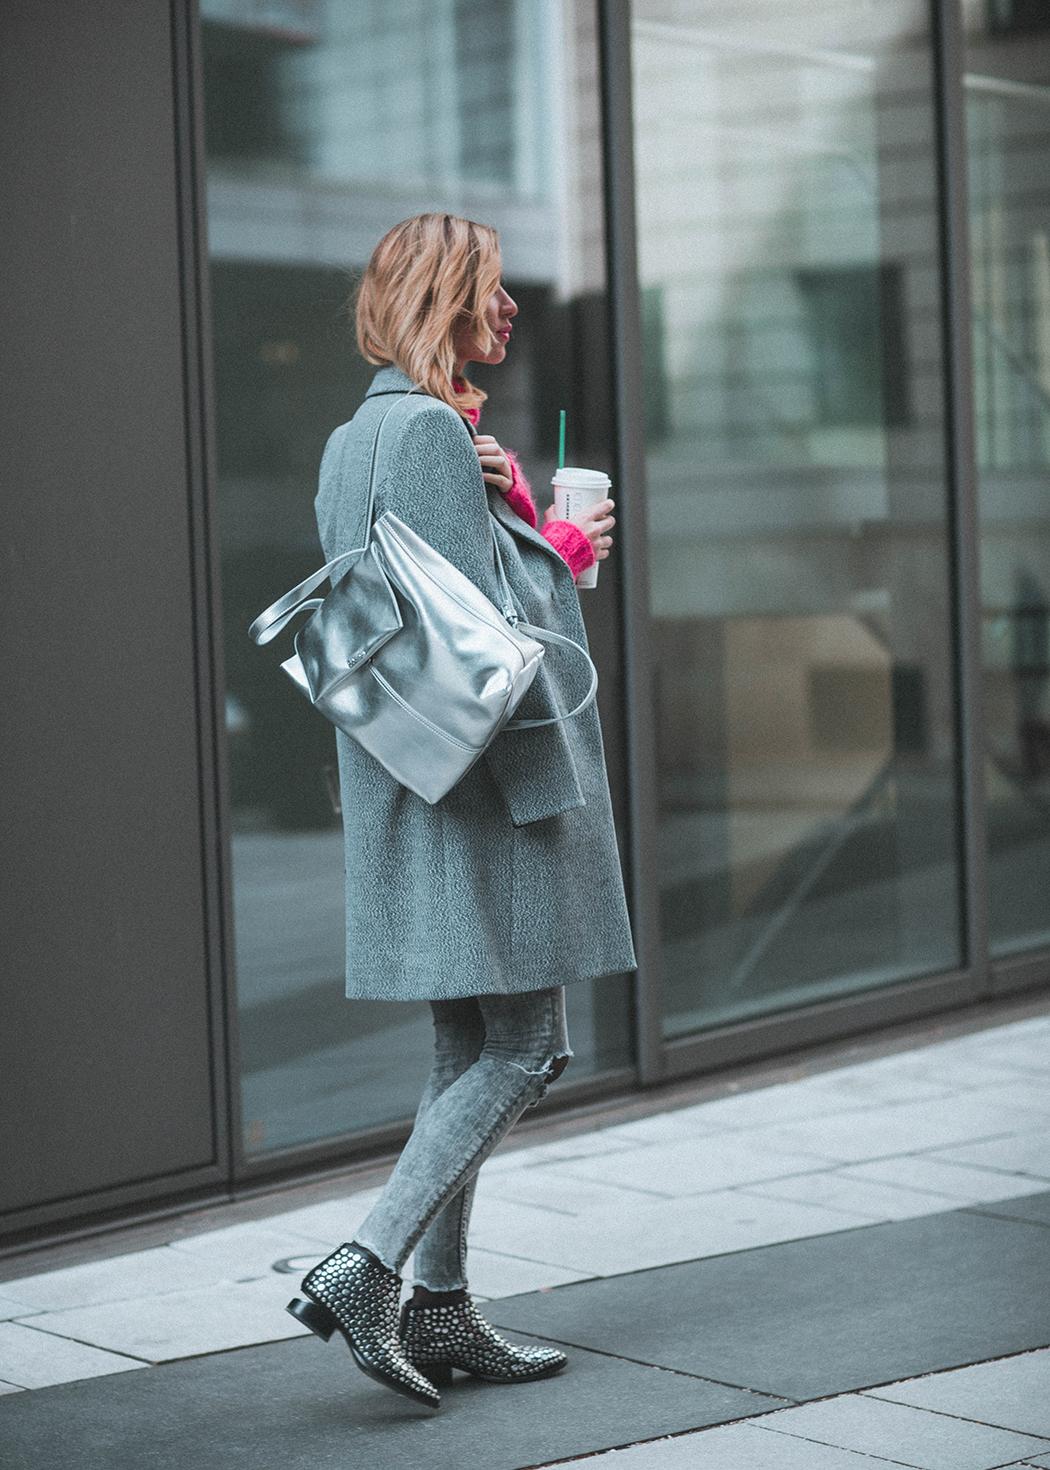 Fashionblog-Fashionblogger-Fashion-Blog-Blogger-Muenchen-Deutschland-Max-and-Co-Rucksack-silber-Lindarella-5-web